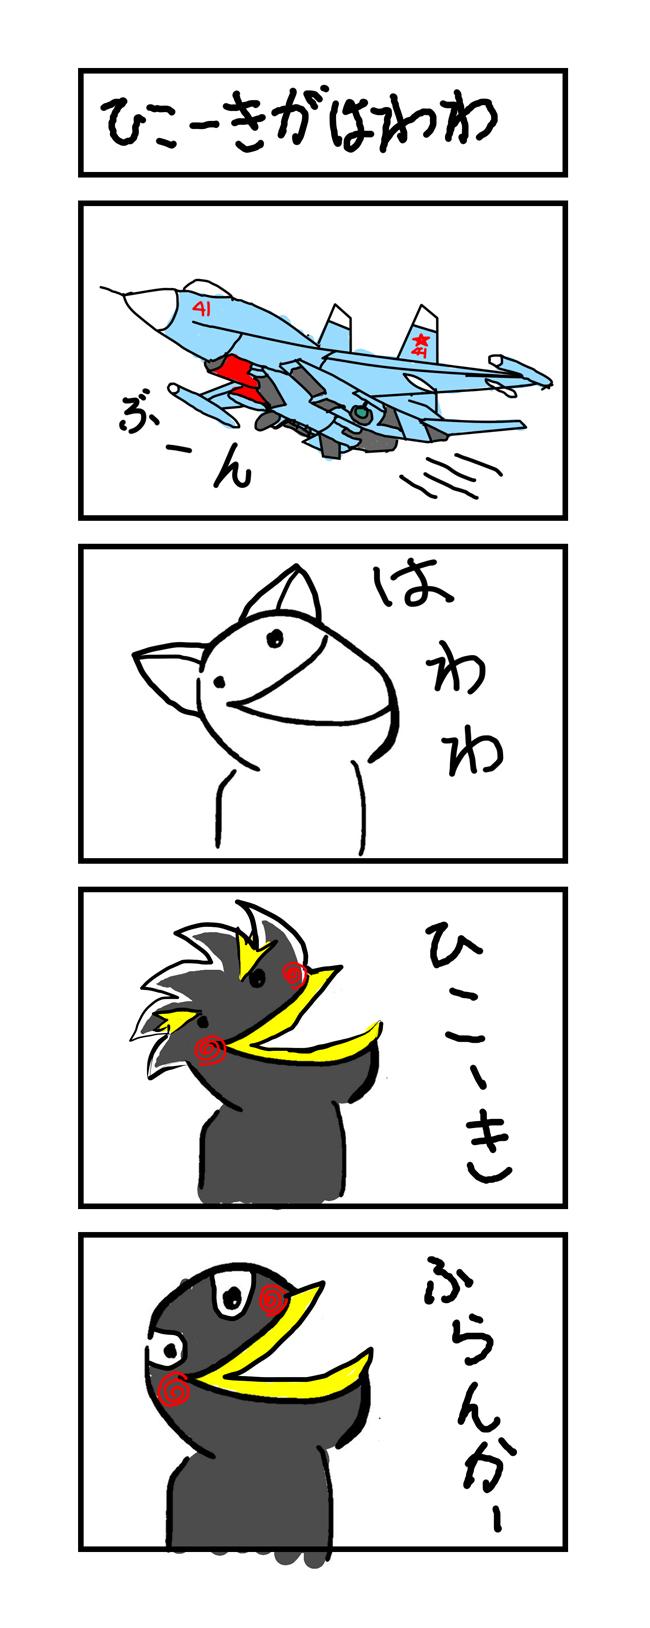 ひこーきがはわわ(650)